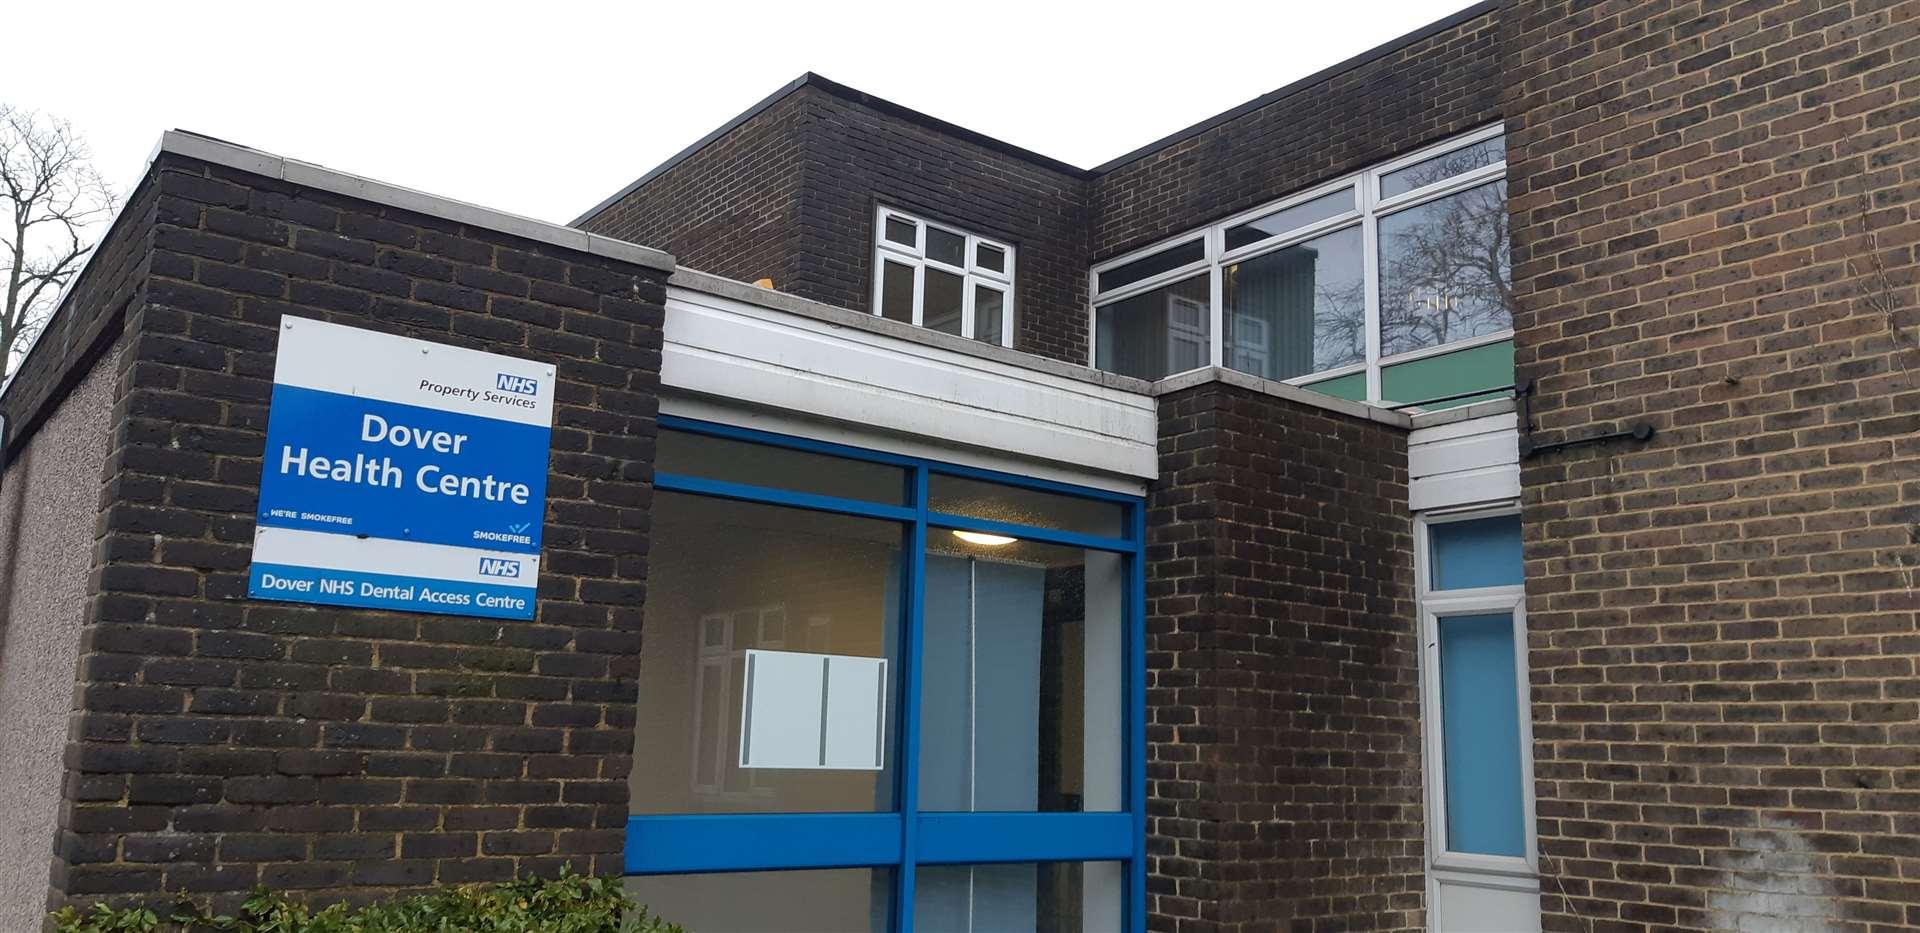 Dover Health Centre